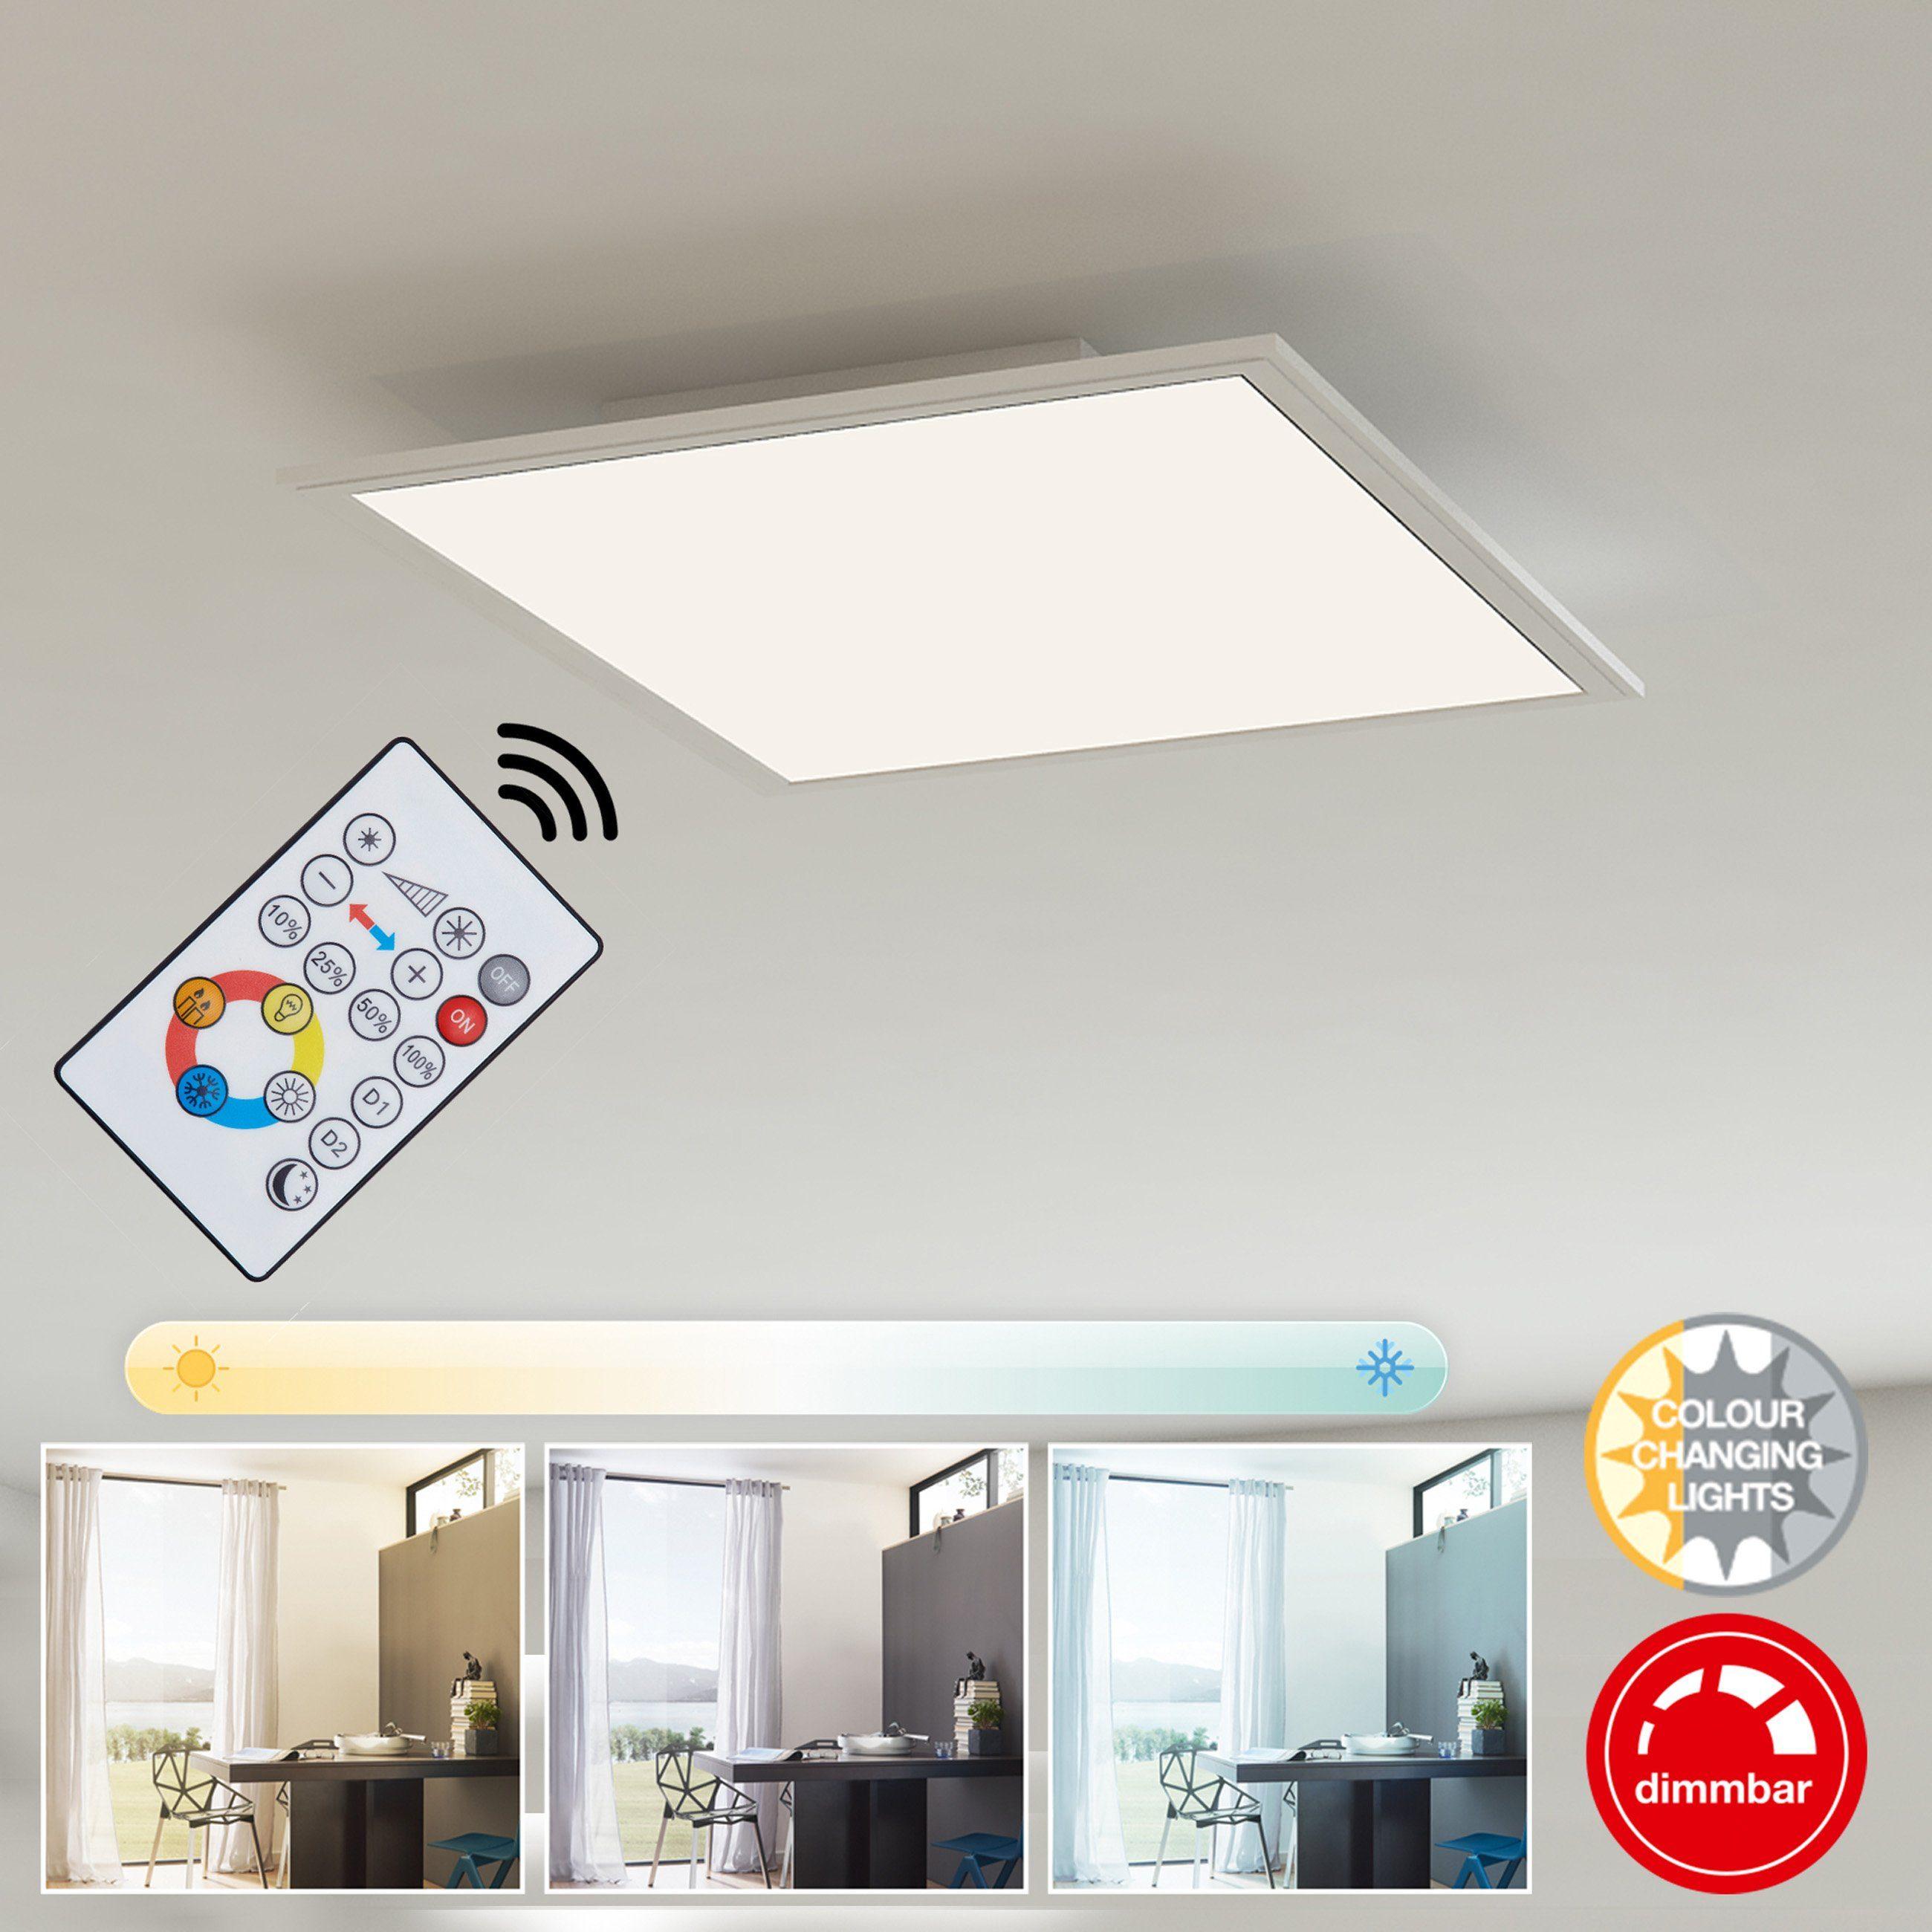 Briloner Leuchten LED Panel »Tim«, 1-flammig, Deckenleuchte dimmbar, Farbtemperatursteuerung